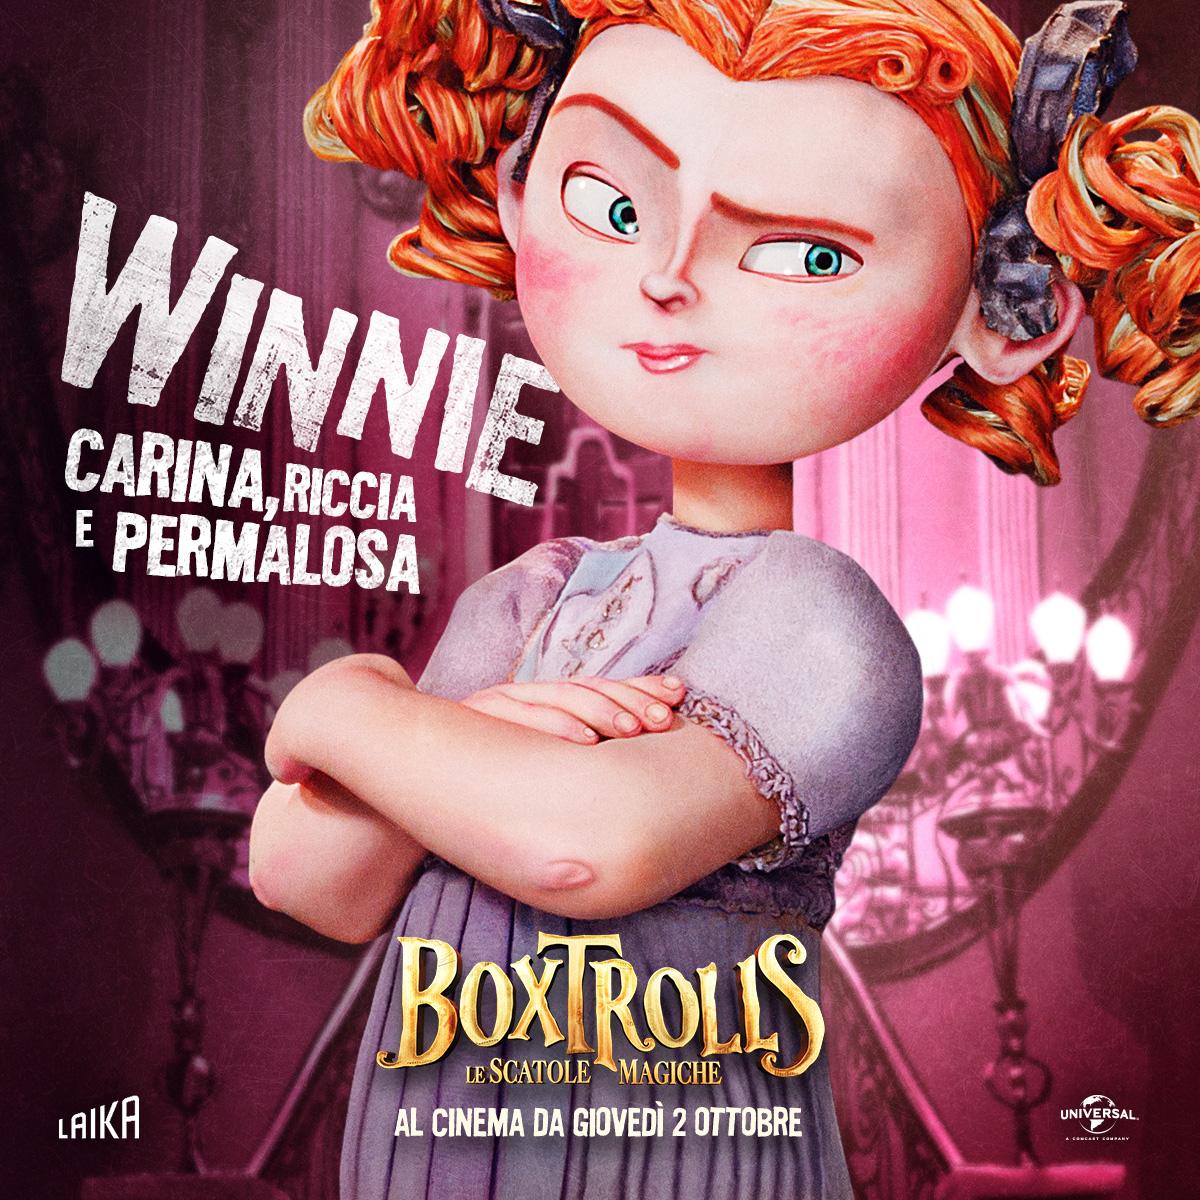 Boxtrolls - Le scatole magiche: il character banner italiano di Winnie